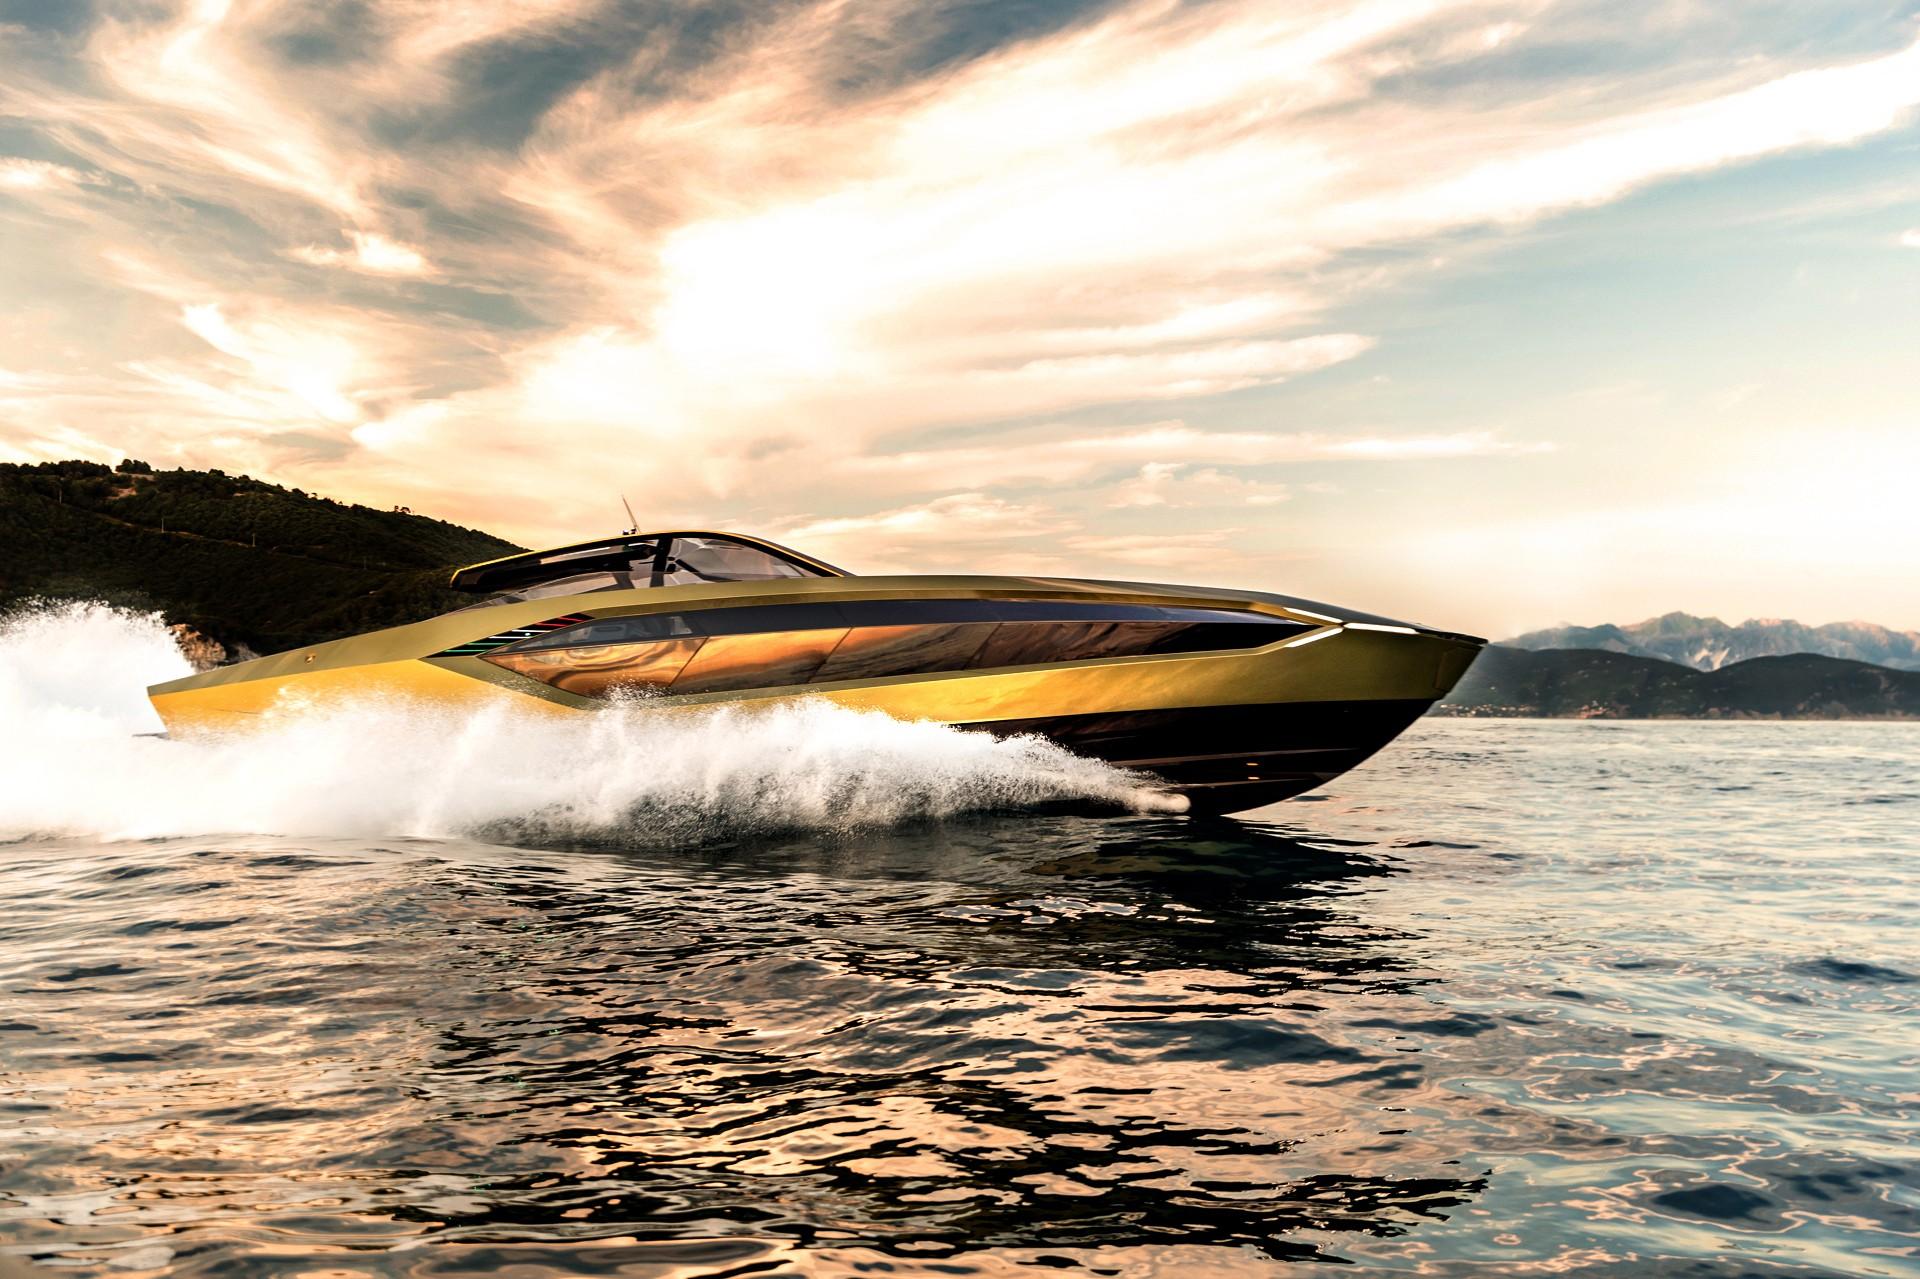 Lamborghini'nin yeni yatı denize indi